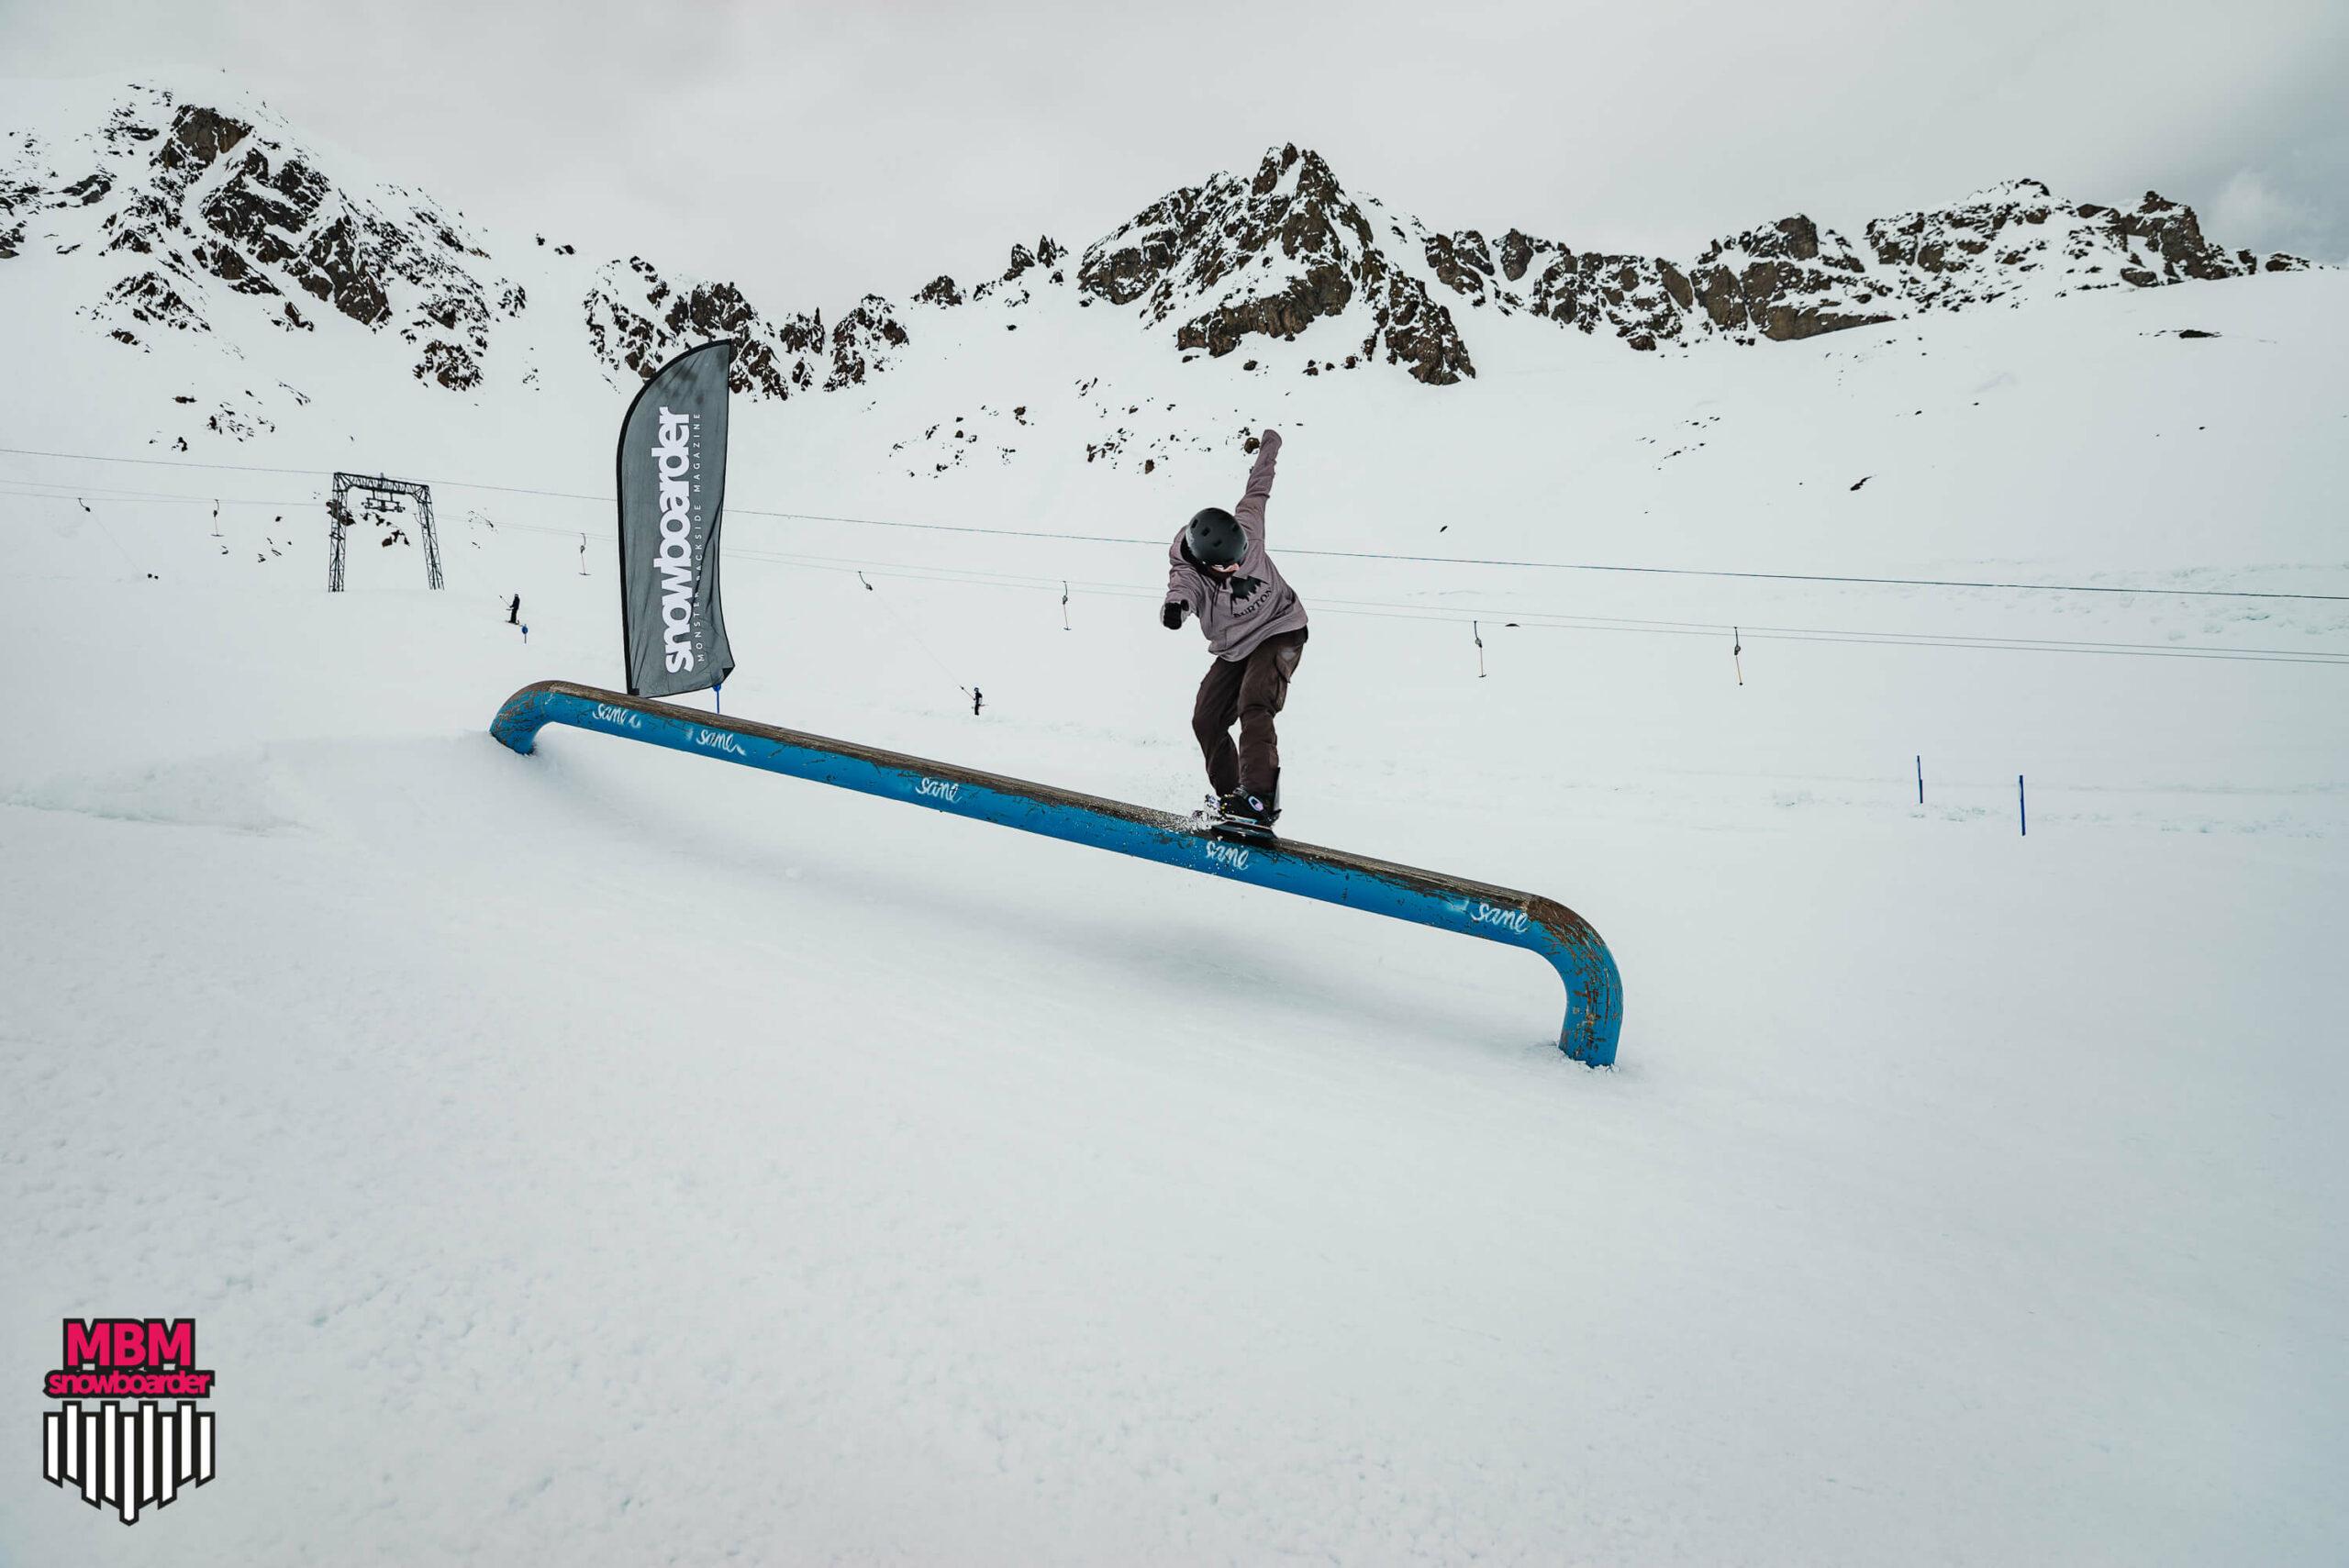 snowboarderMBM_sd_kaunertal_036